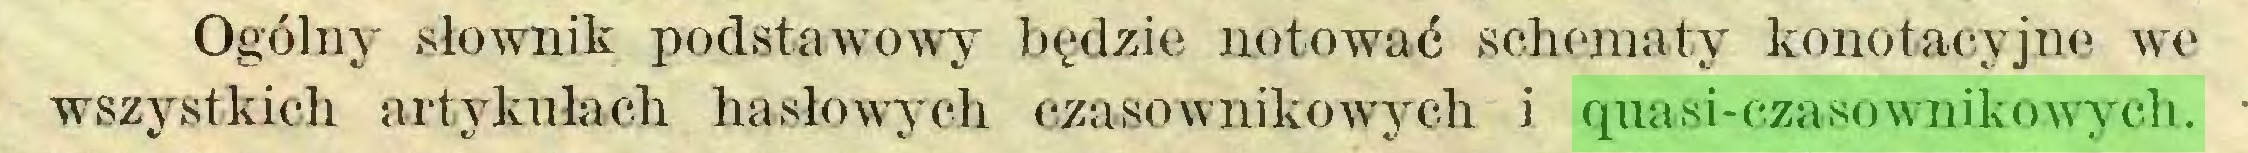 (...) Ogólny słownik podstawowy będzie notować schematy konotacyjne we wszystkich artykułach hasłowych czasownikowych i quasi-czasownikowych...